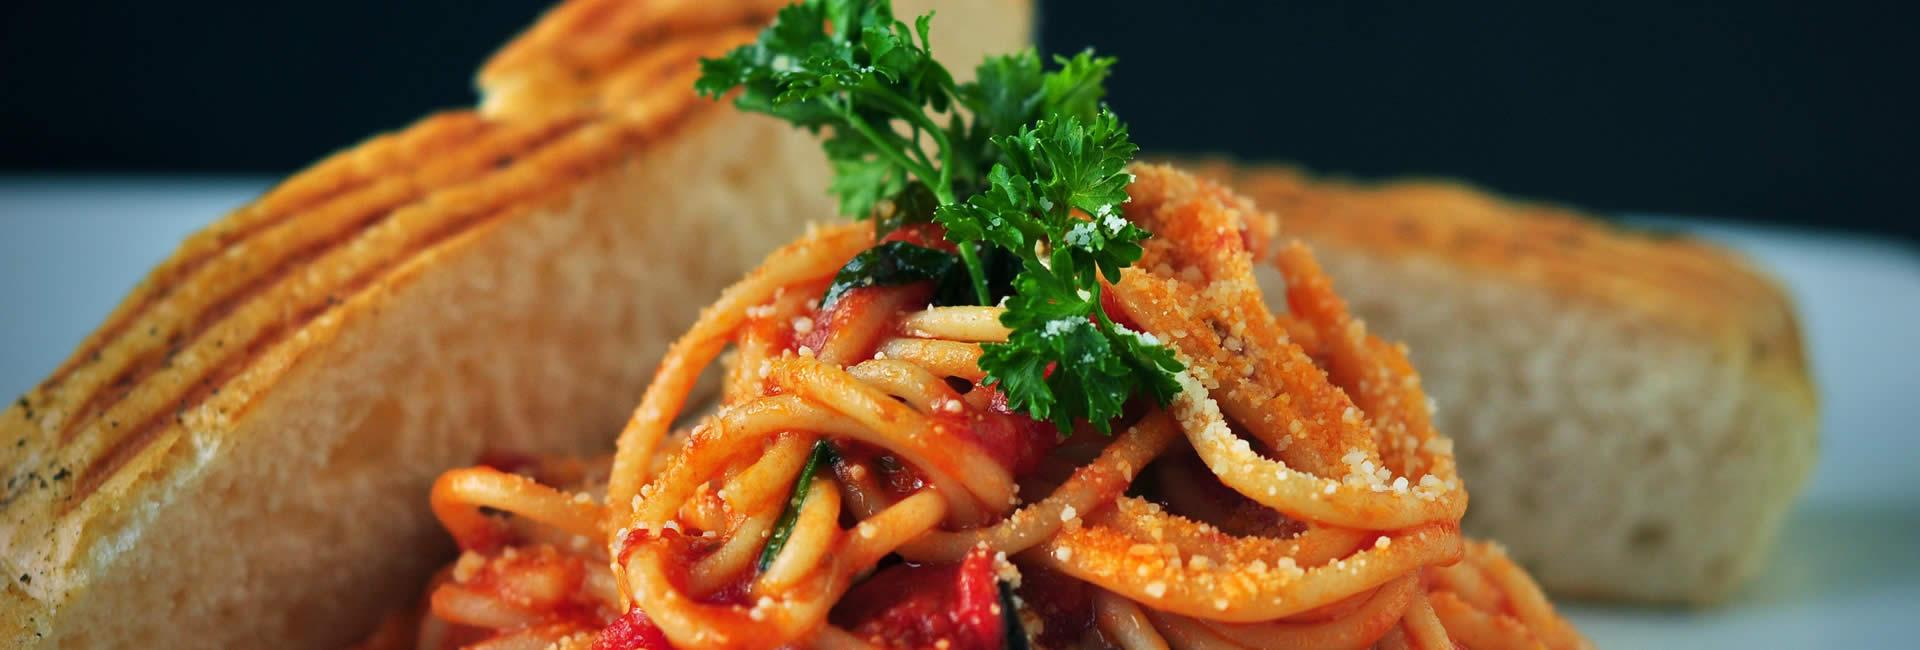 dietologi cremona - pasta